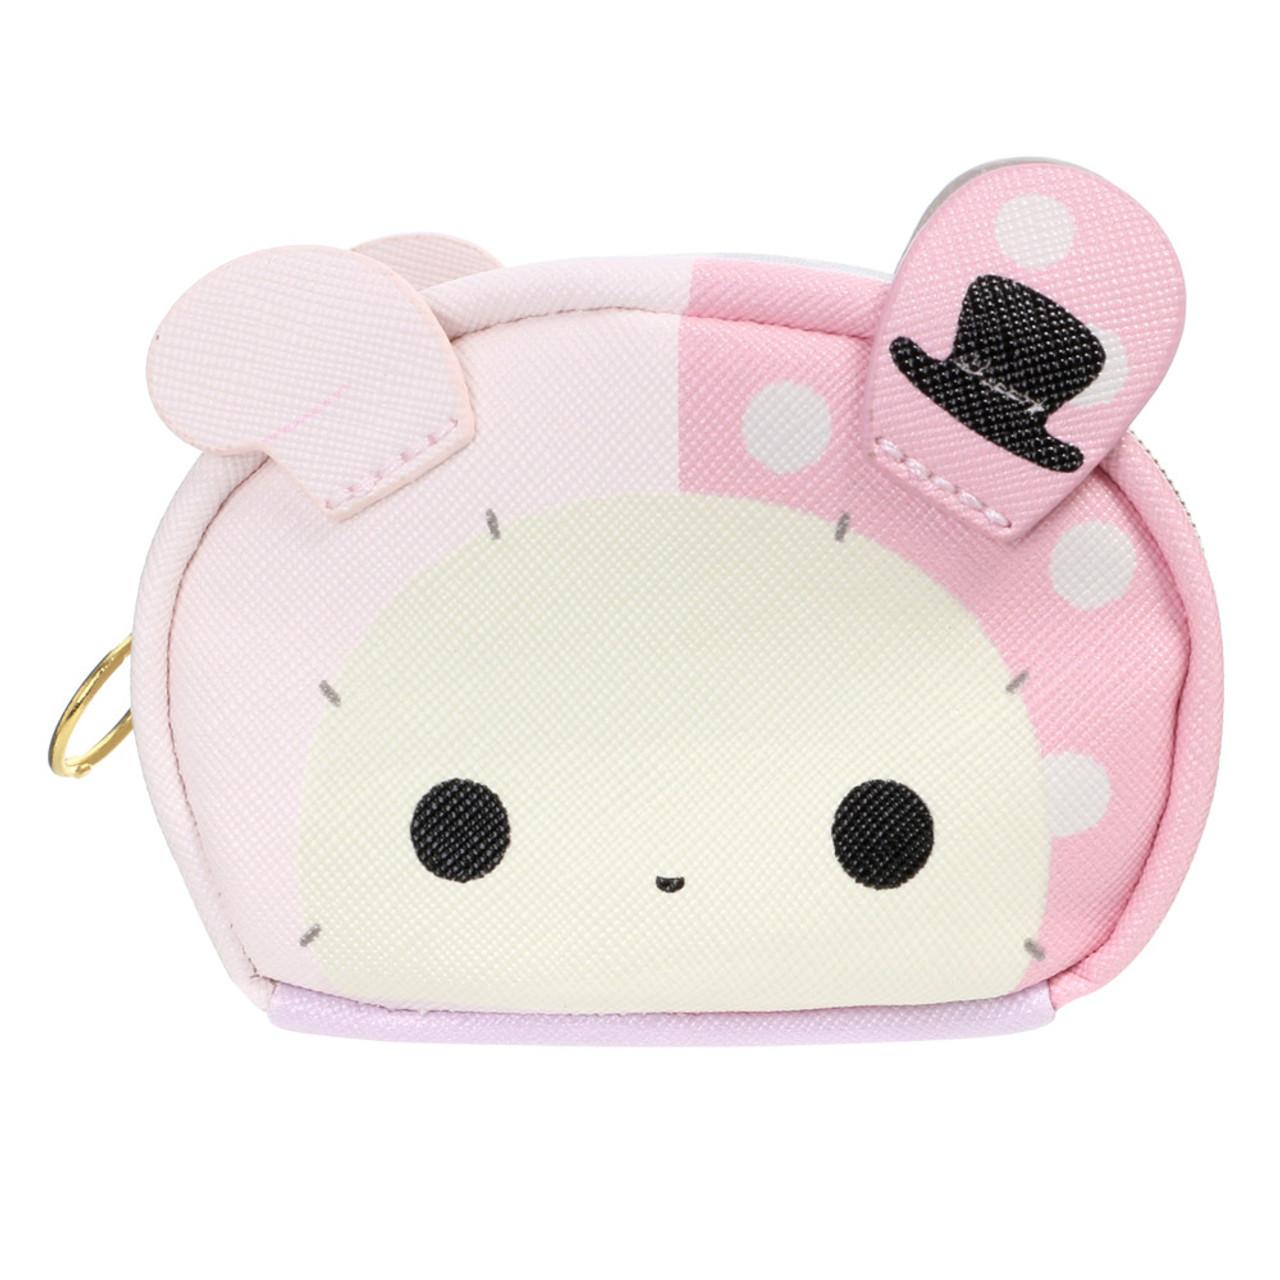 7dd40091e431 San-x Sentimental Circus Shappo & Spica Bunny Two Side Mini Pouch